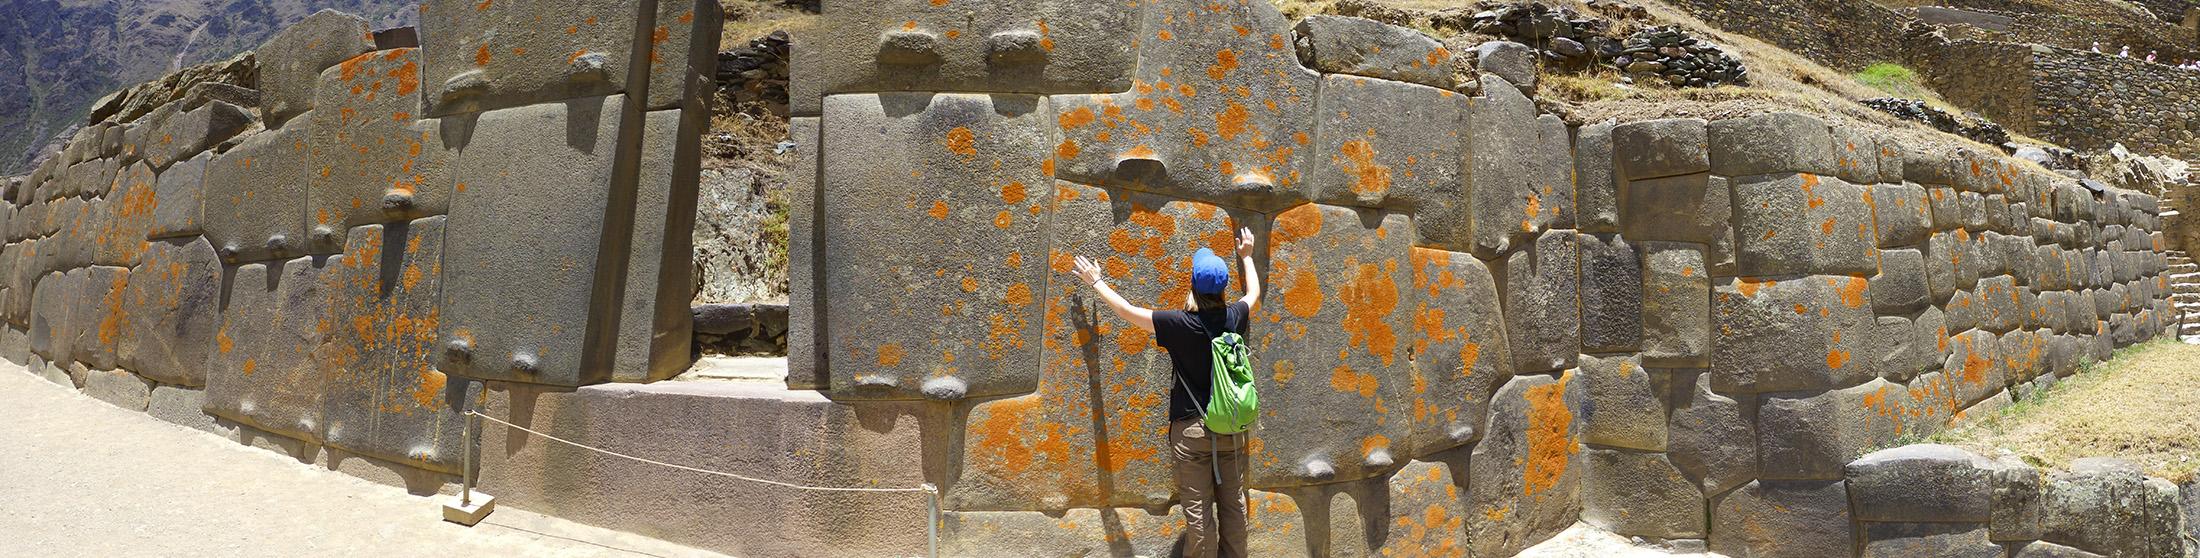 Examining The Stone